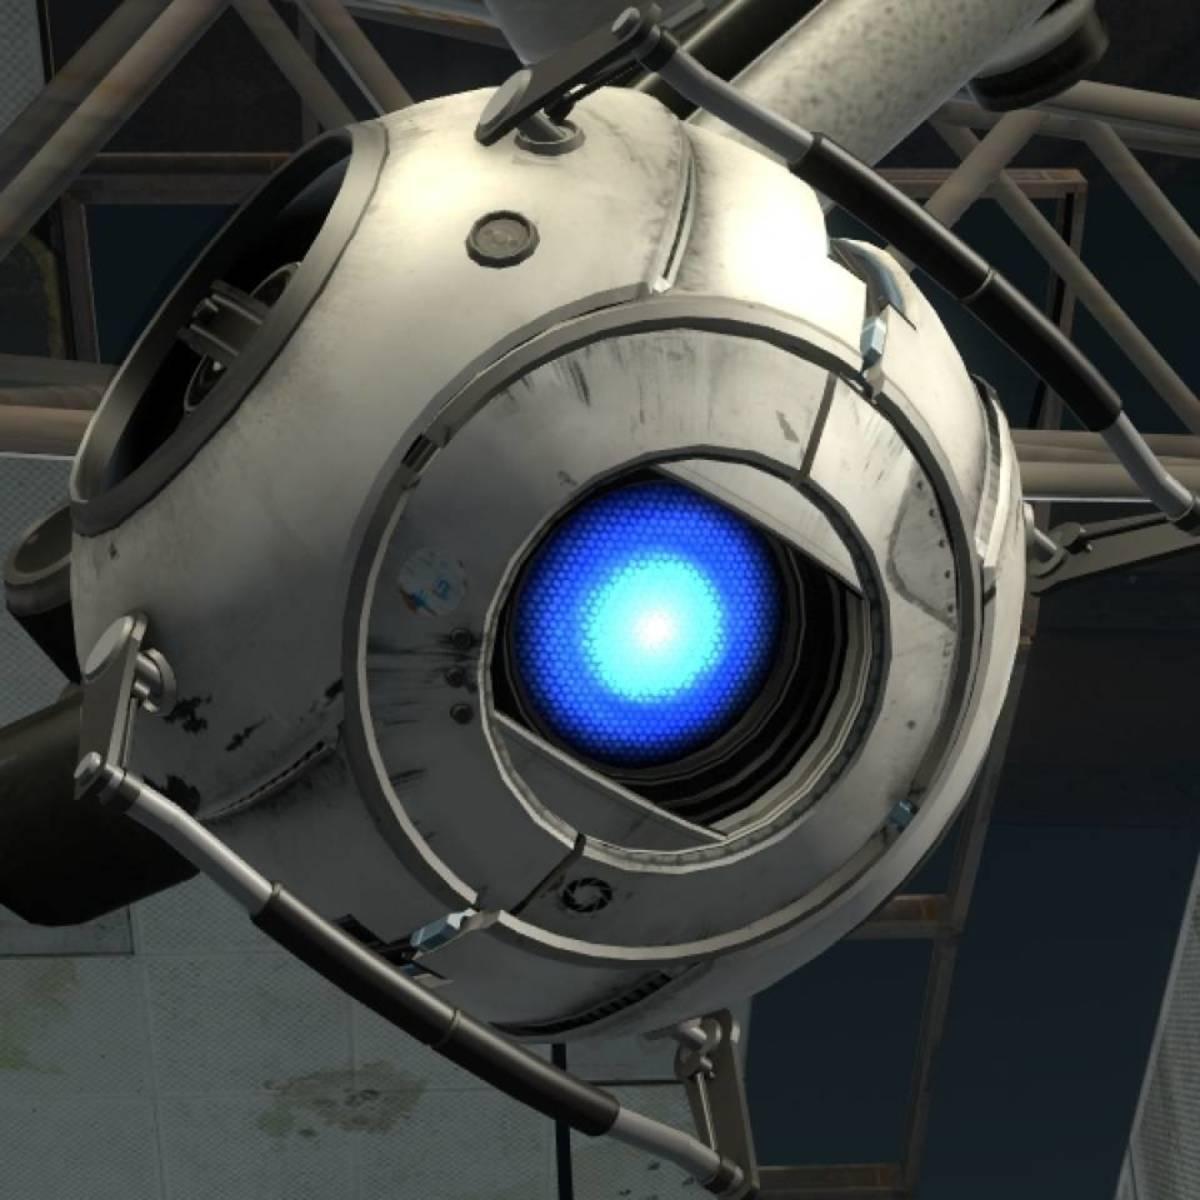 Wheatley in Portal 2